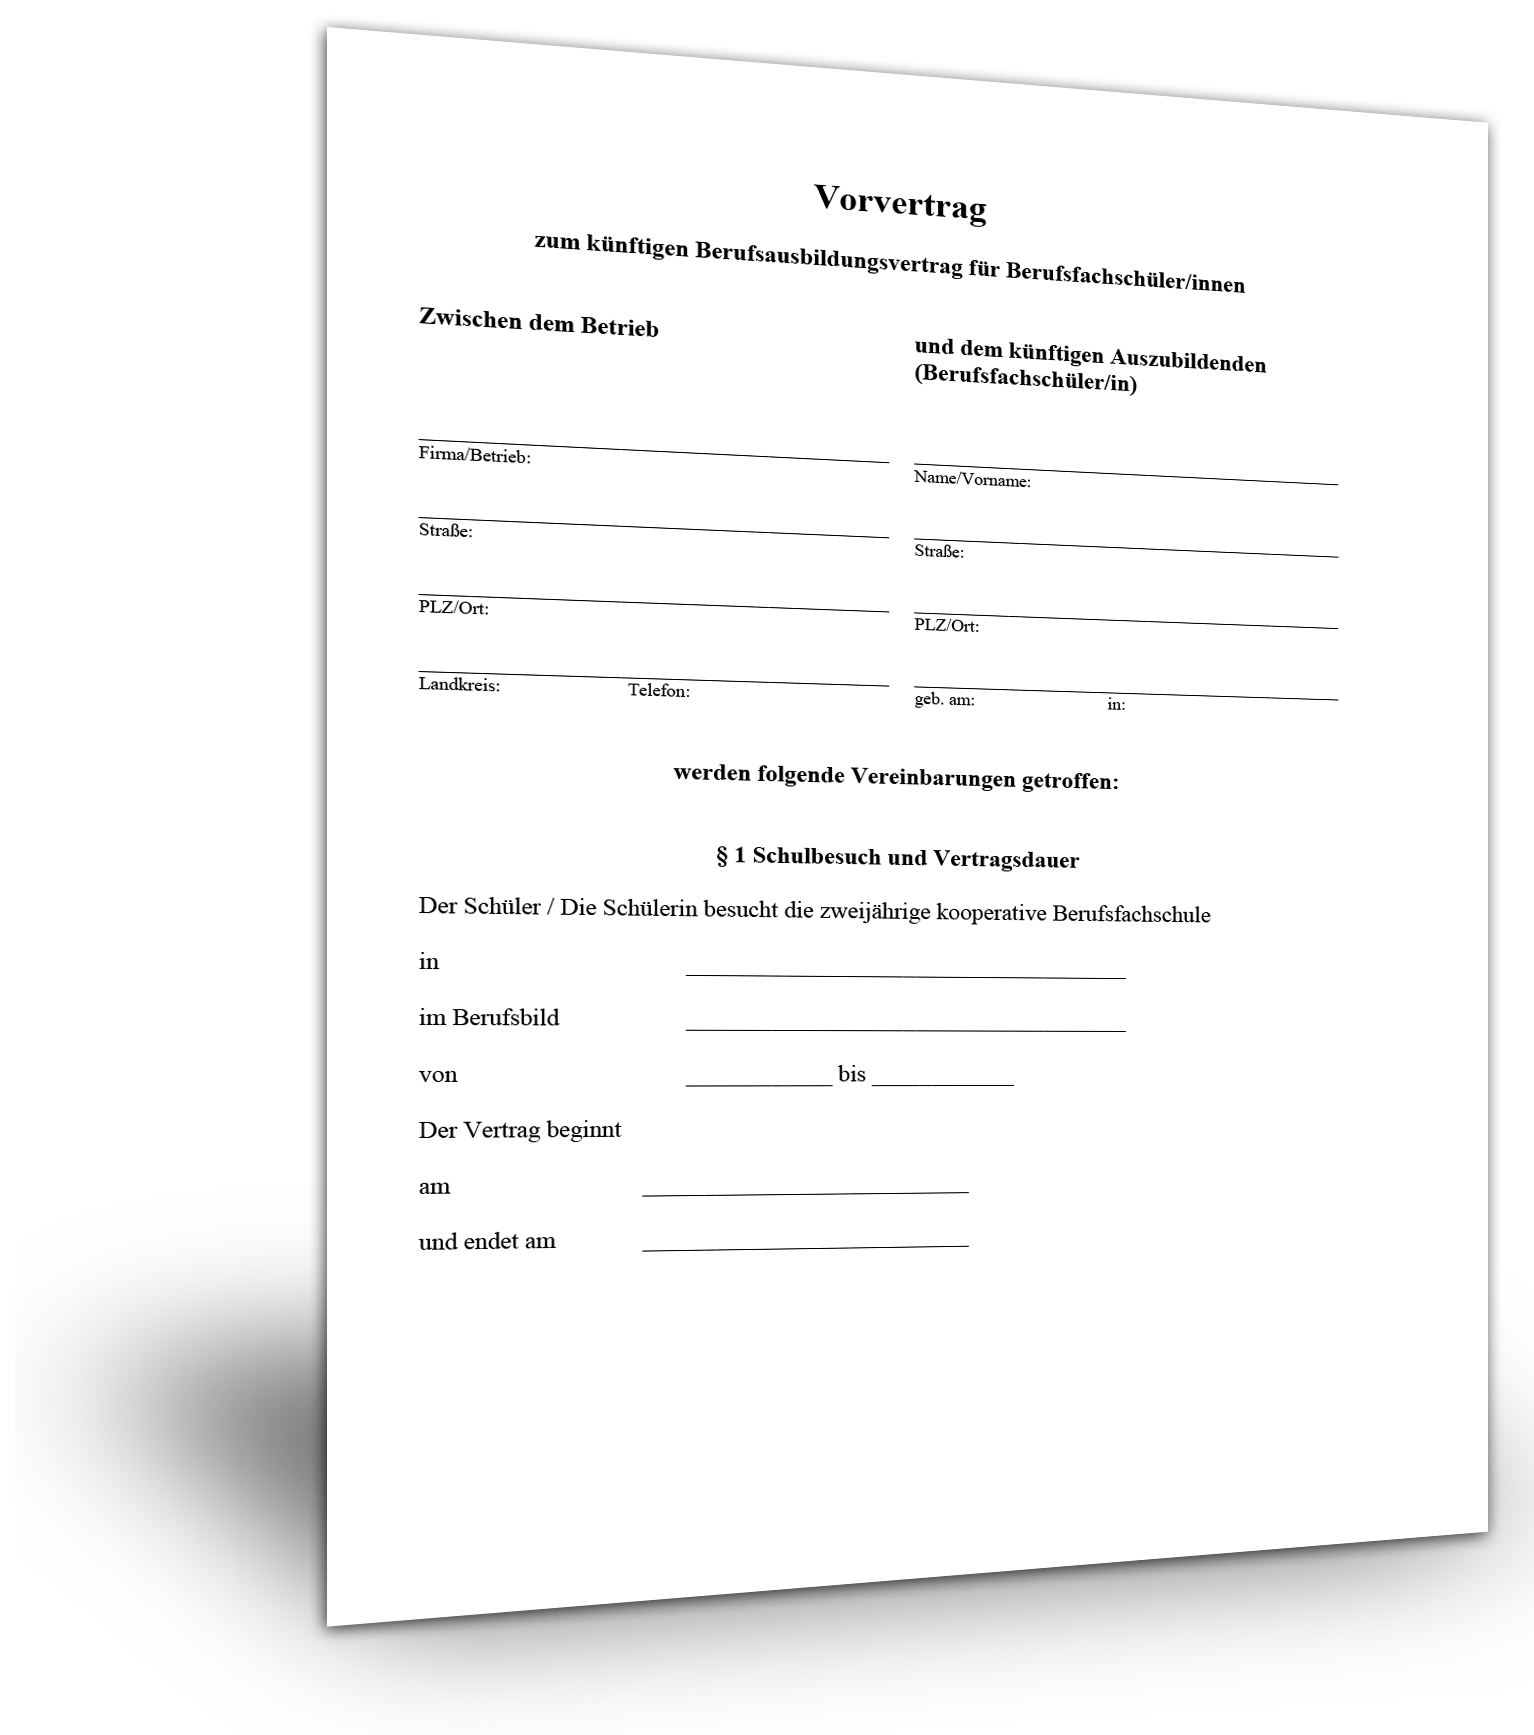 Vorvertrag Berufsausbildung Muster - Standardvertraege.de